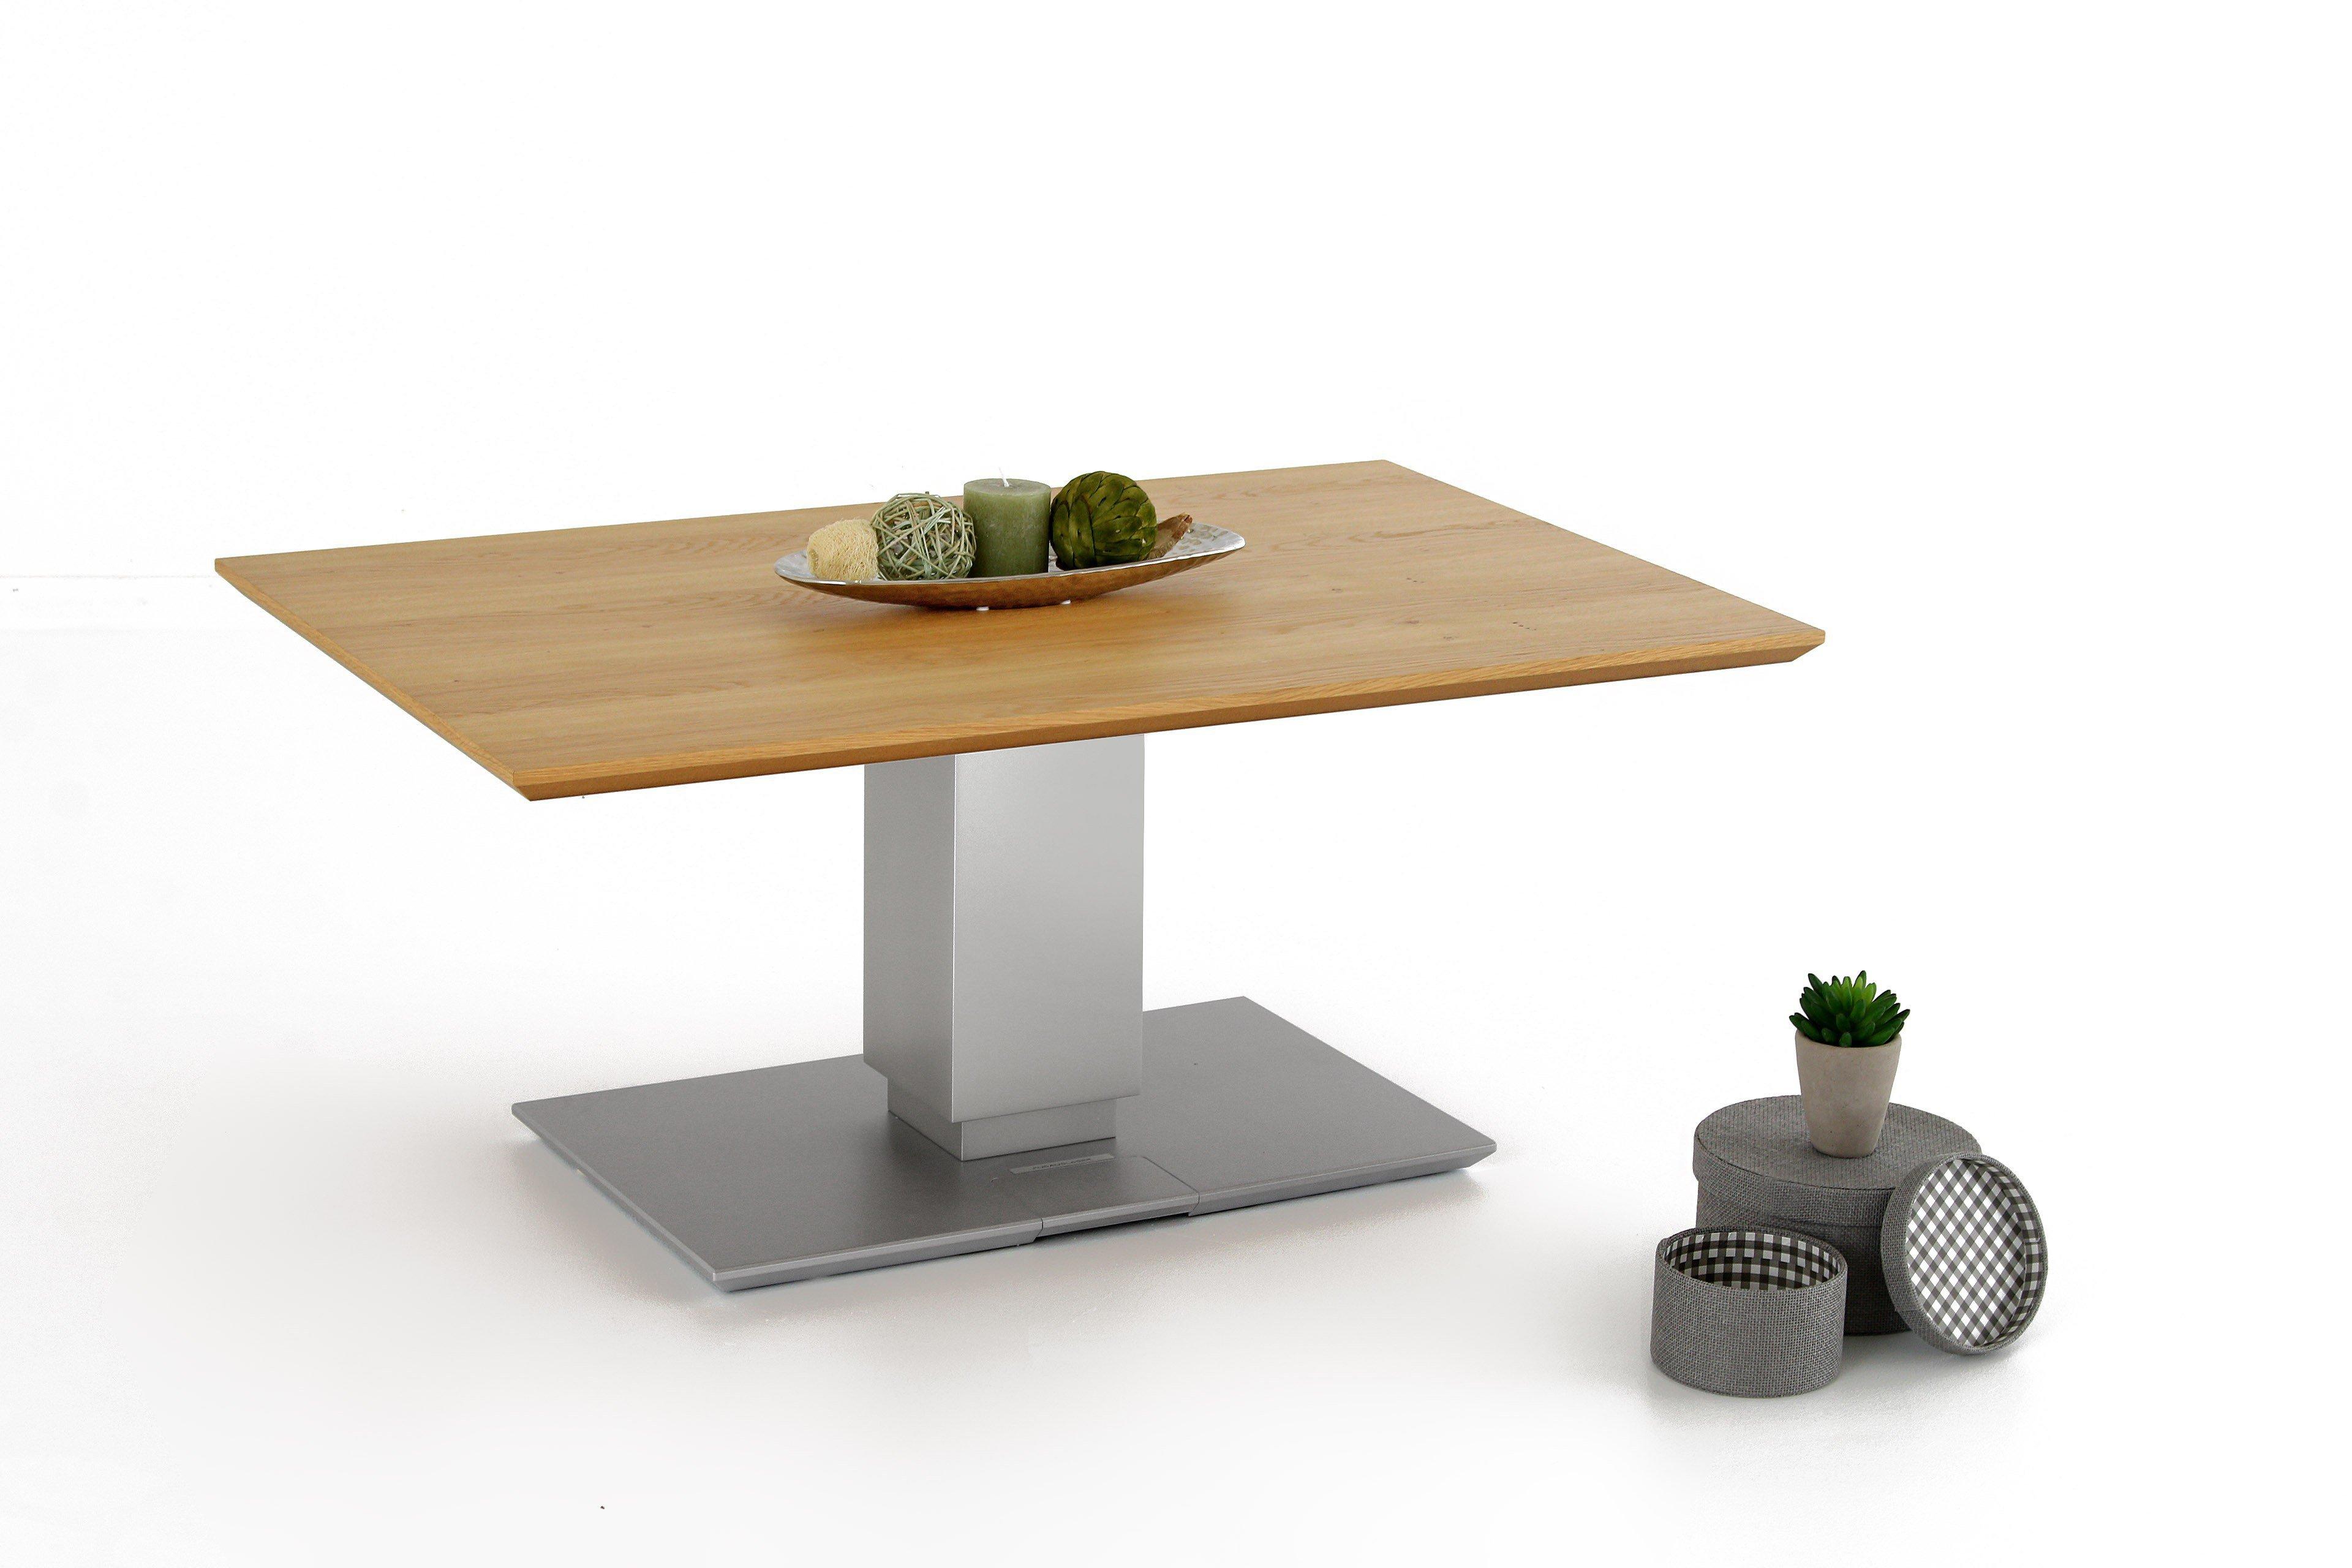 couchtisch tamira wildeiche aus der kollektion letz. Black Bedroom Furniture Sets. Home Design Ideas